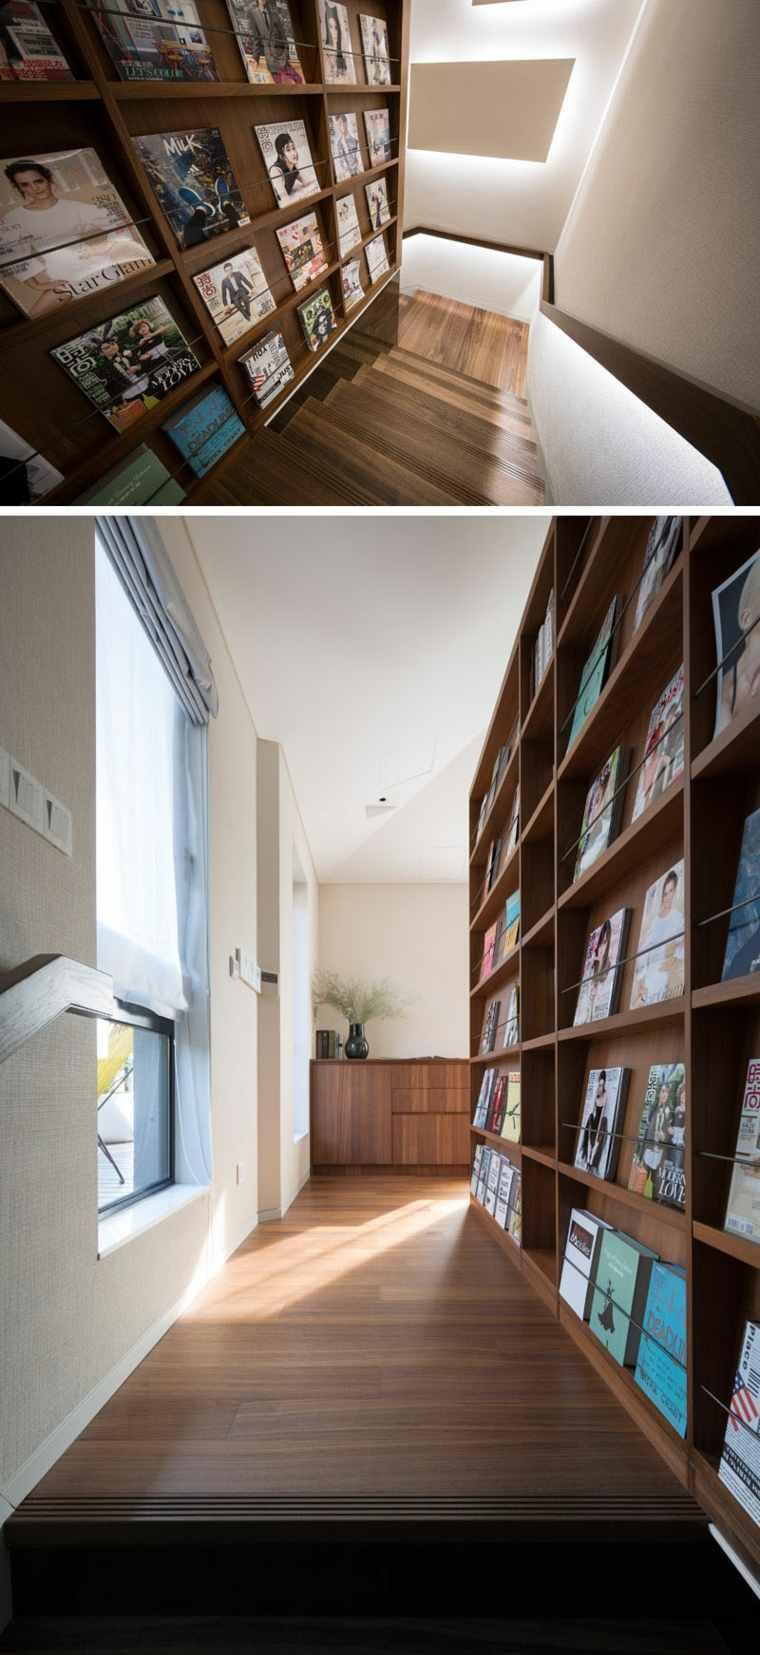 habitación oculta tras una pared falsa